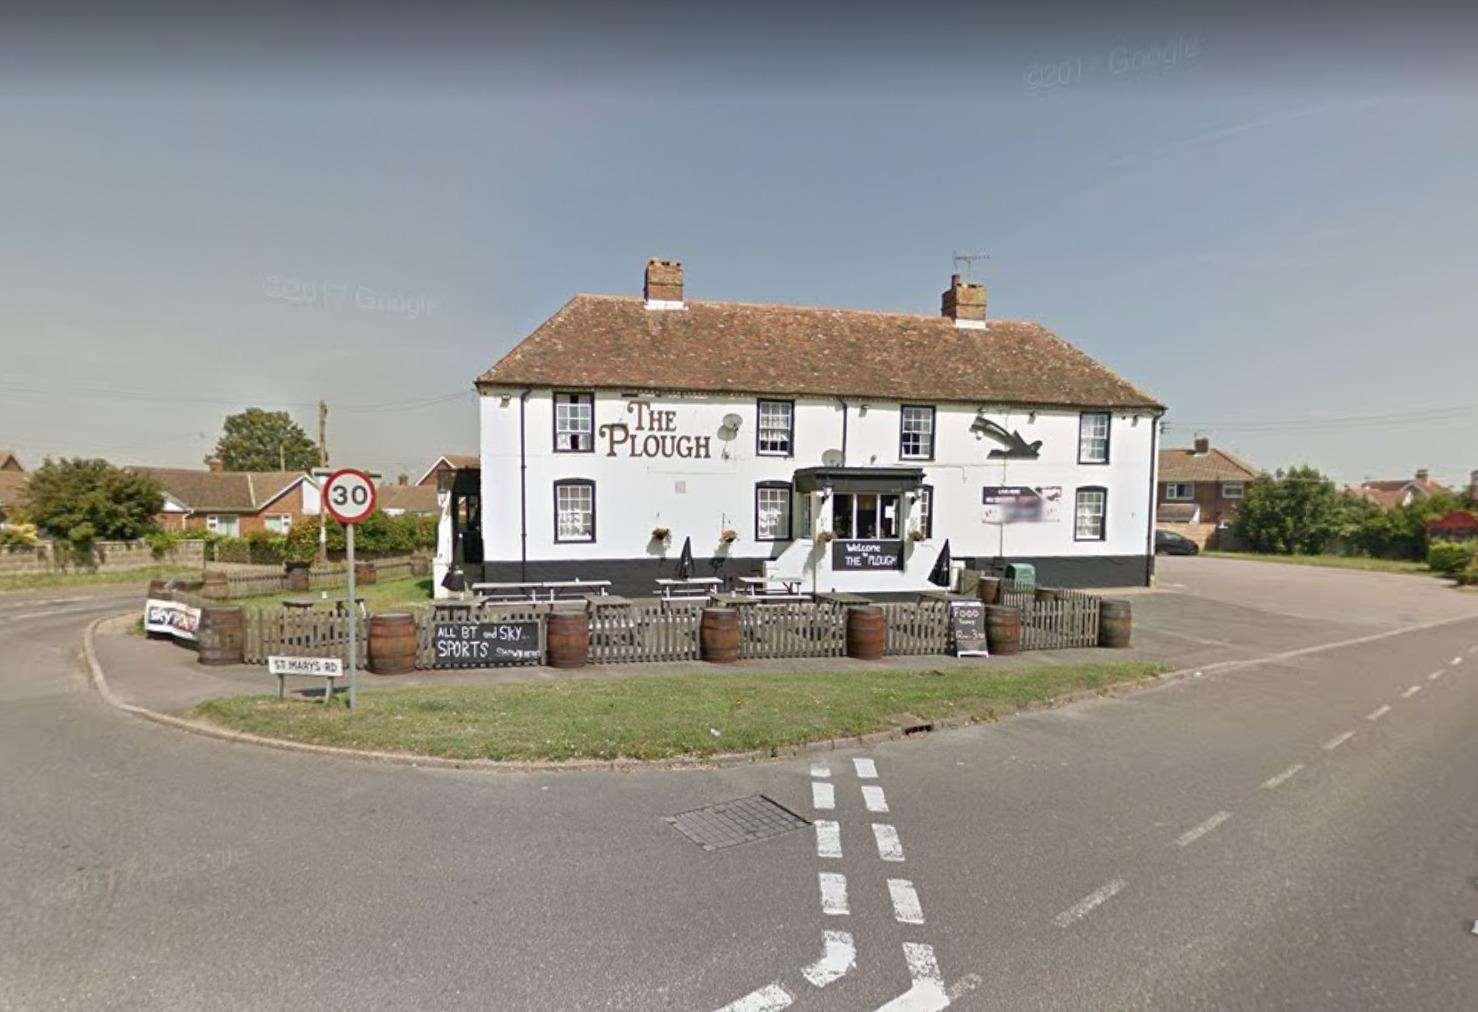 Man Found Dead Inside The Premises Of The Plough Inn New